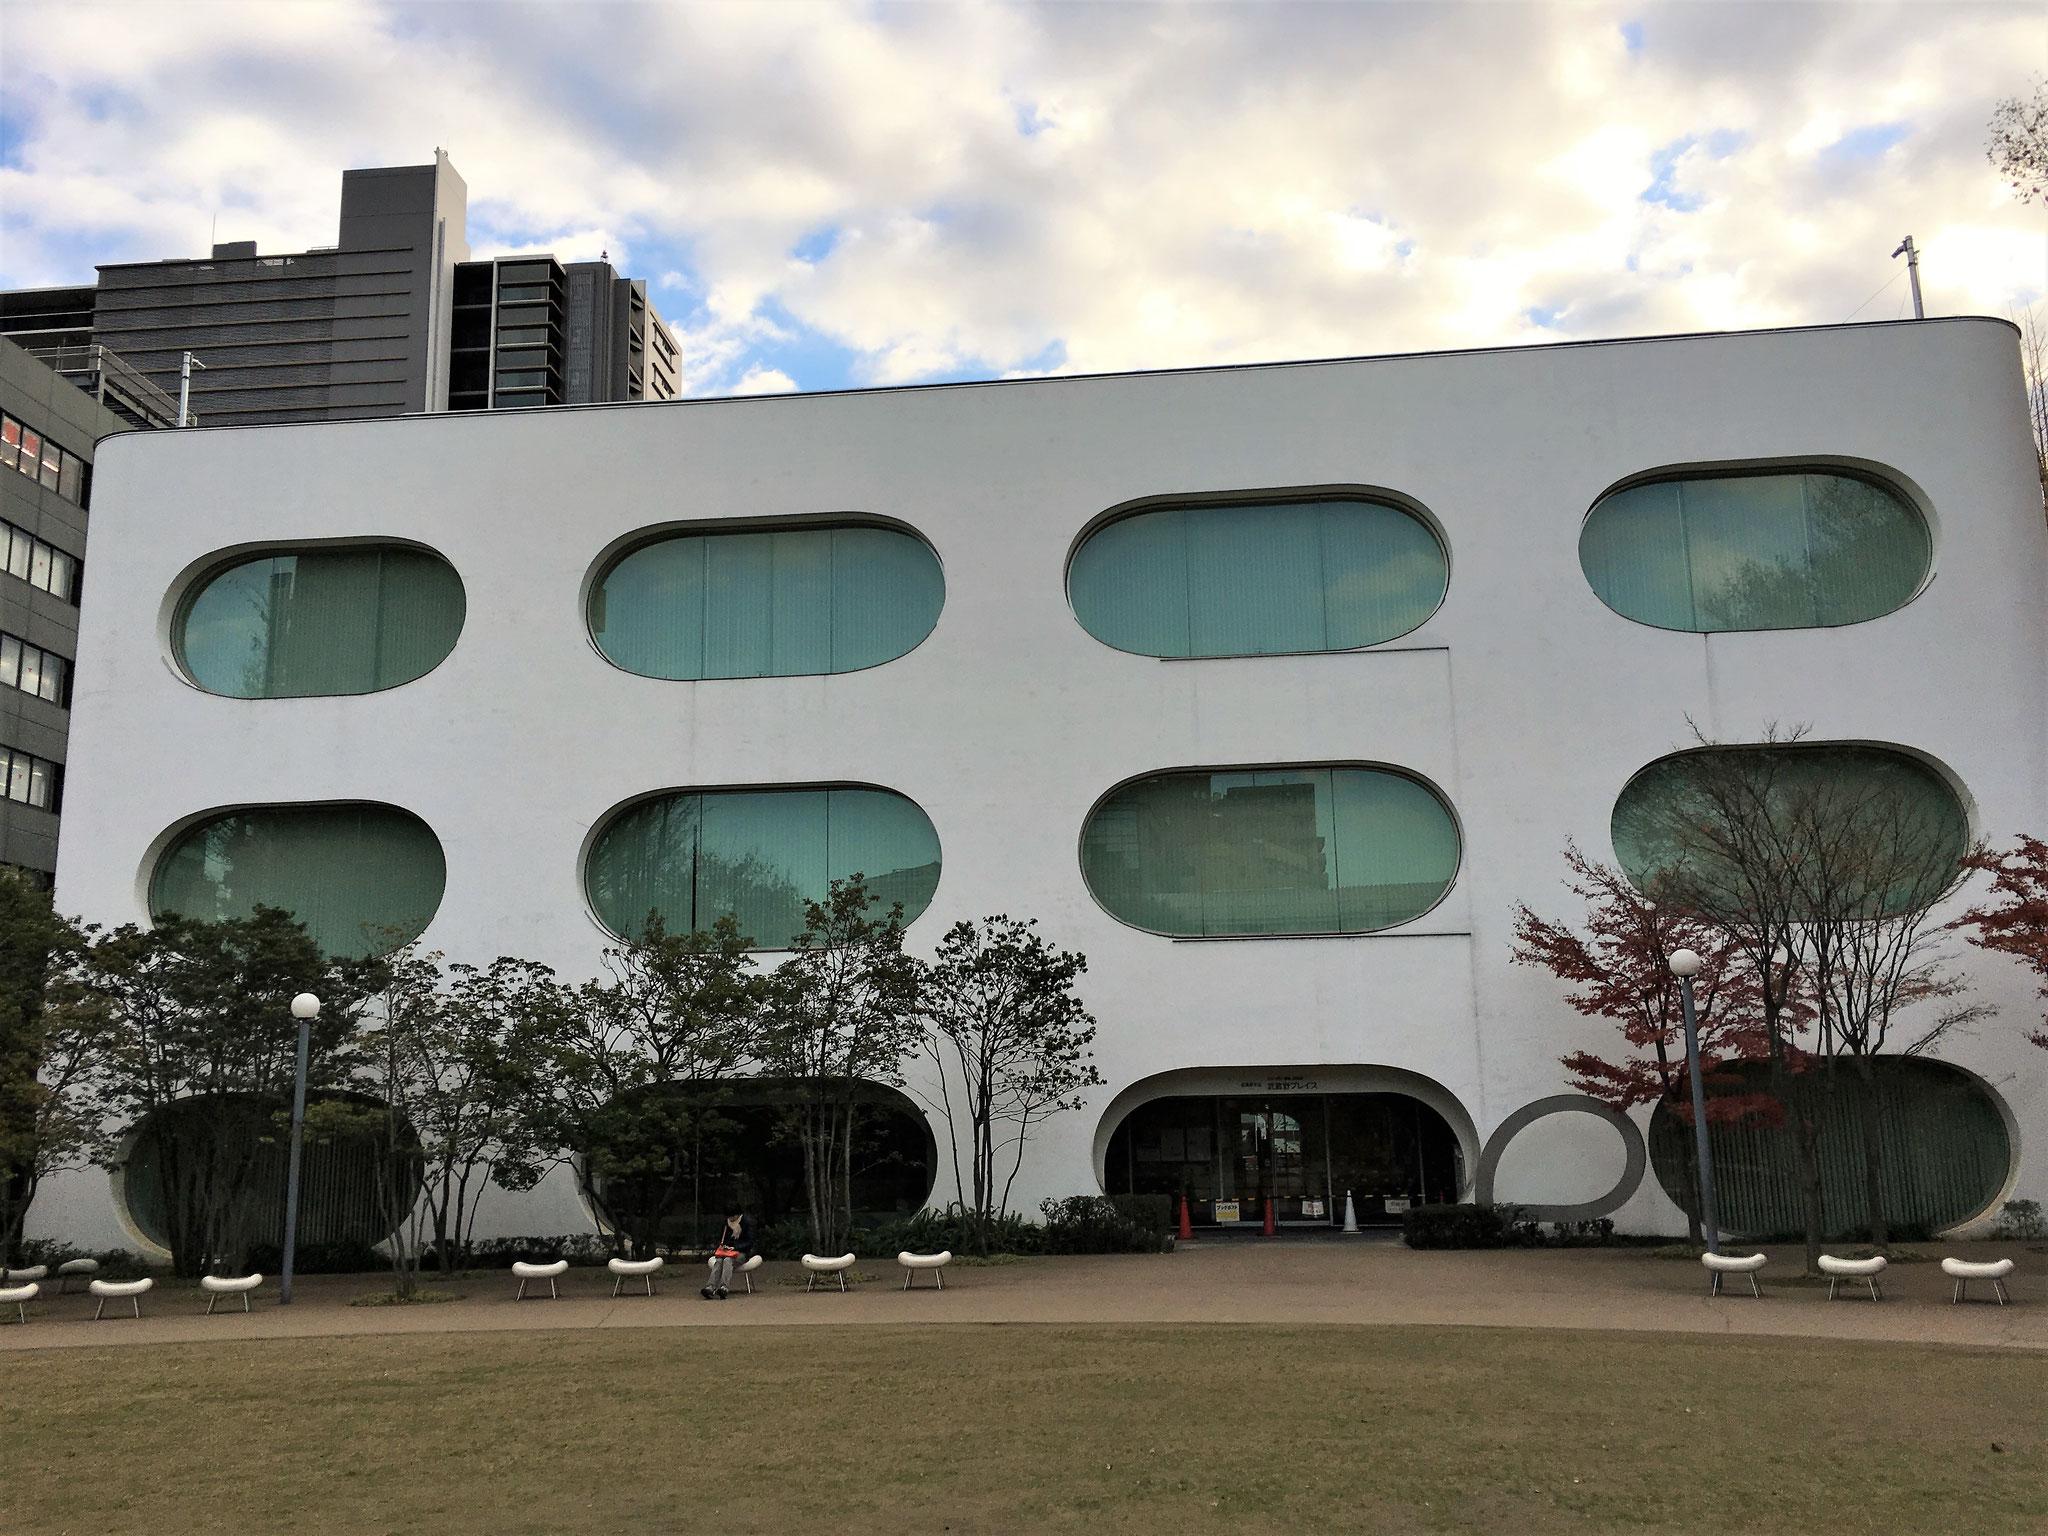 武蔵野プレイス / 東京都武蔵野市/2010.11.18